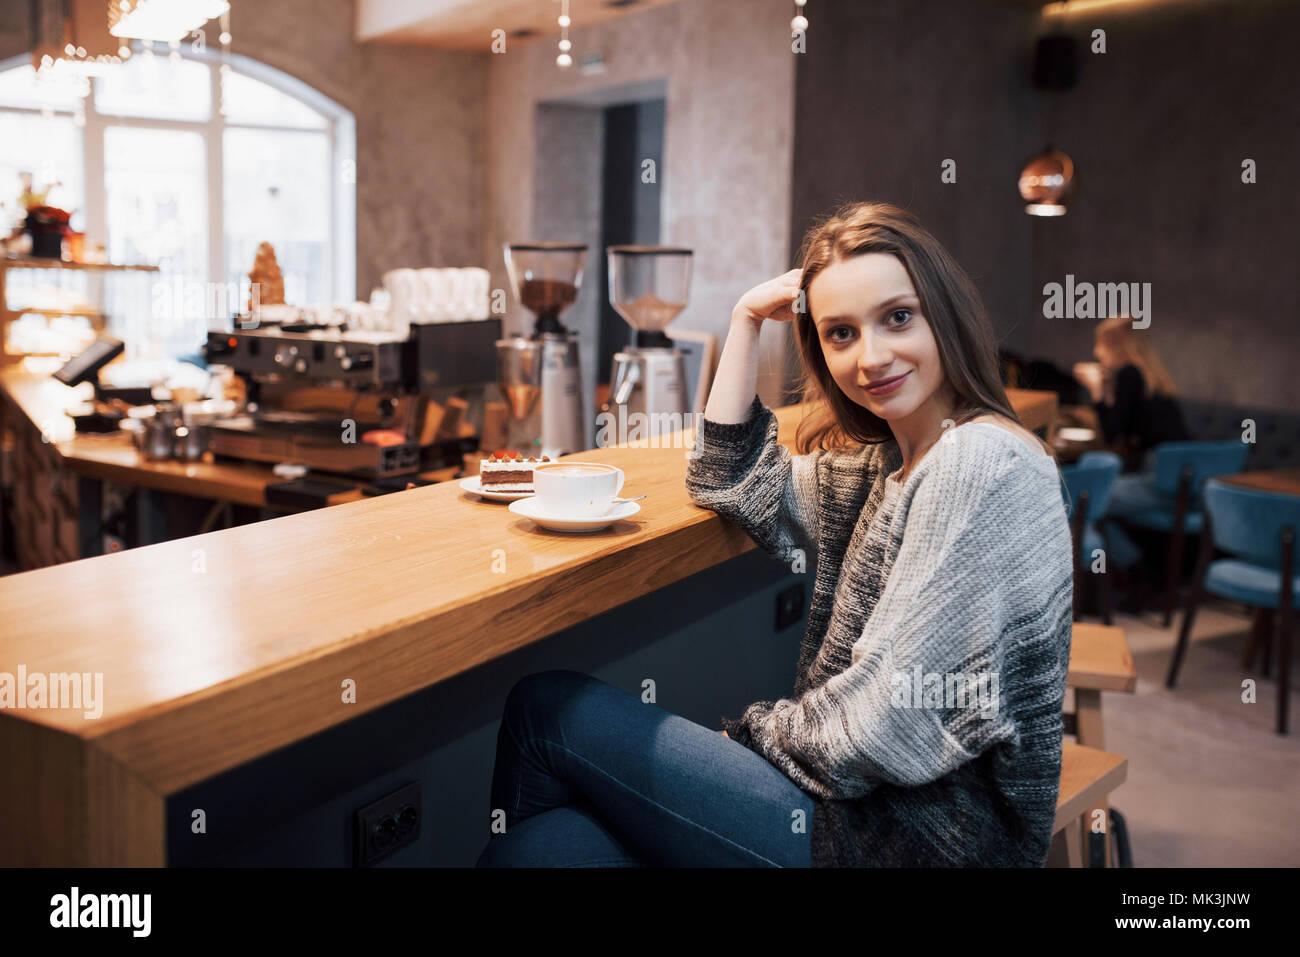 Belle jeune femme assise en milieu urbain à l'intérieur d'un café. Cafe sur le mode de vie. Portrait de jeune fille adolescente occasionnels. Tonique. Photo Stock